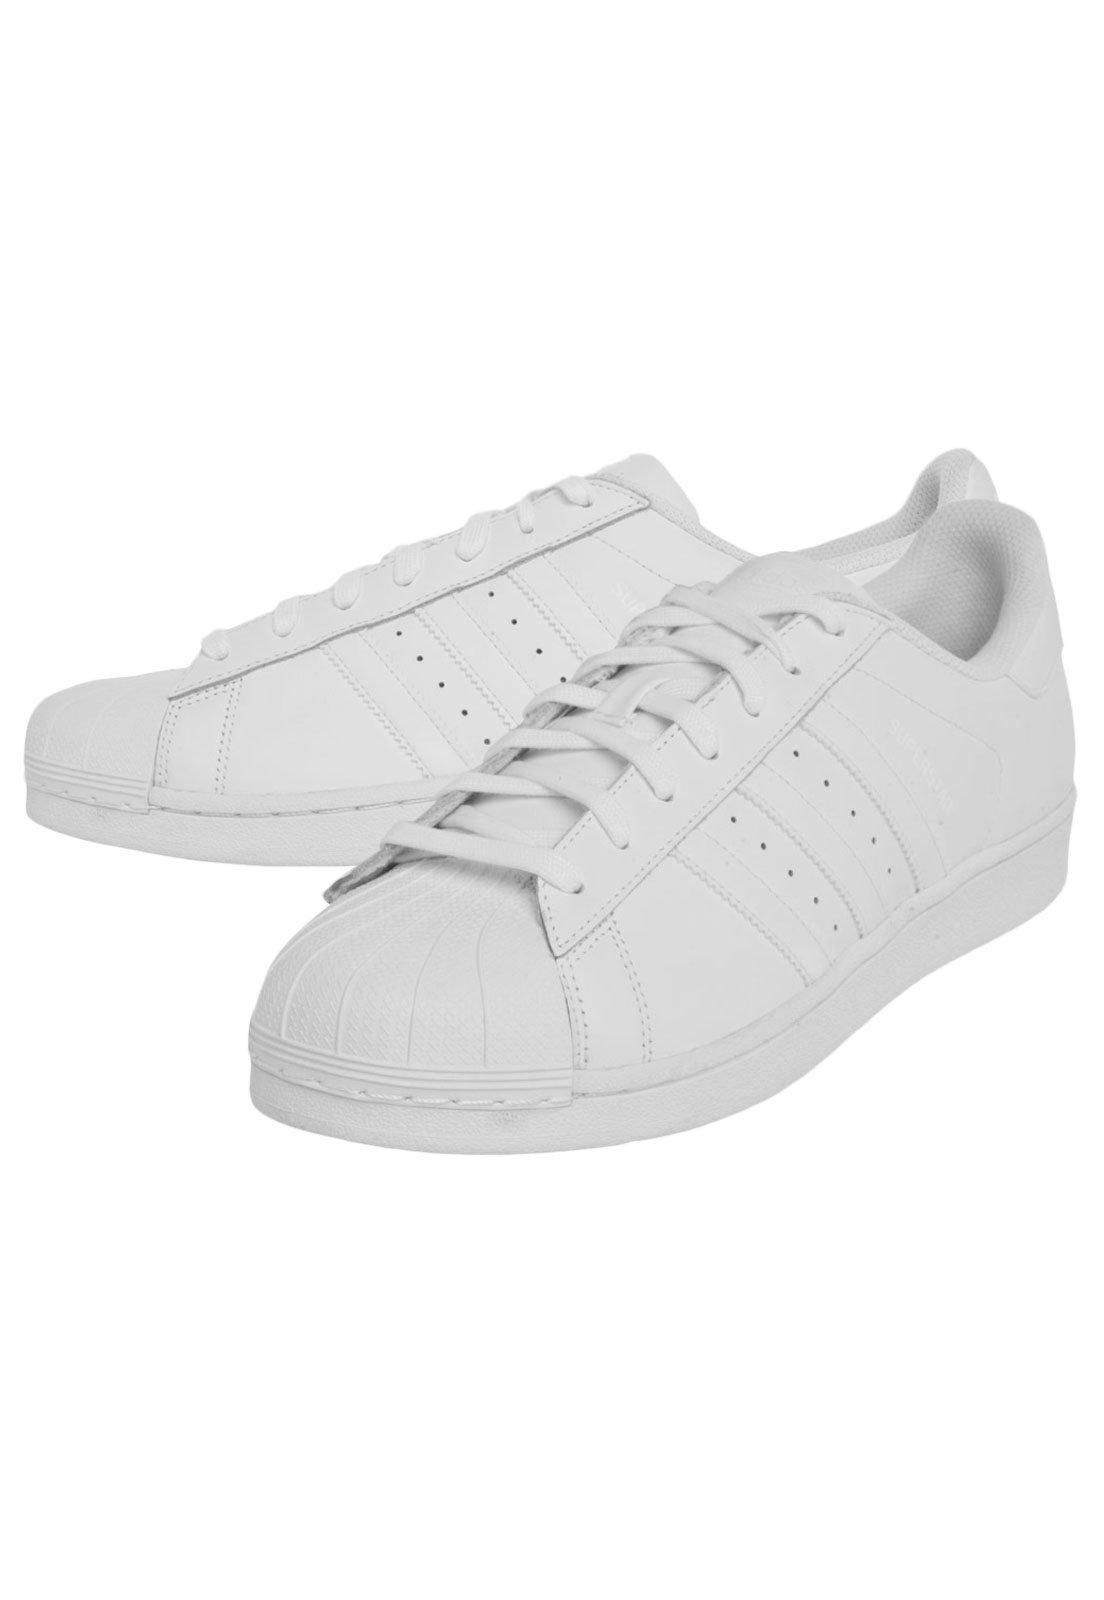 Tênis adidas Originals Superstar Foundation Branco